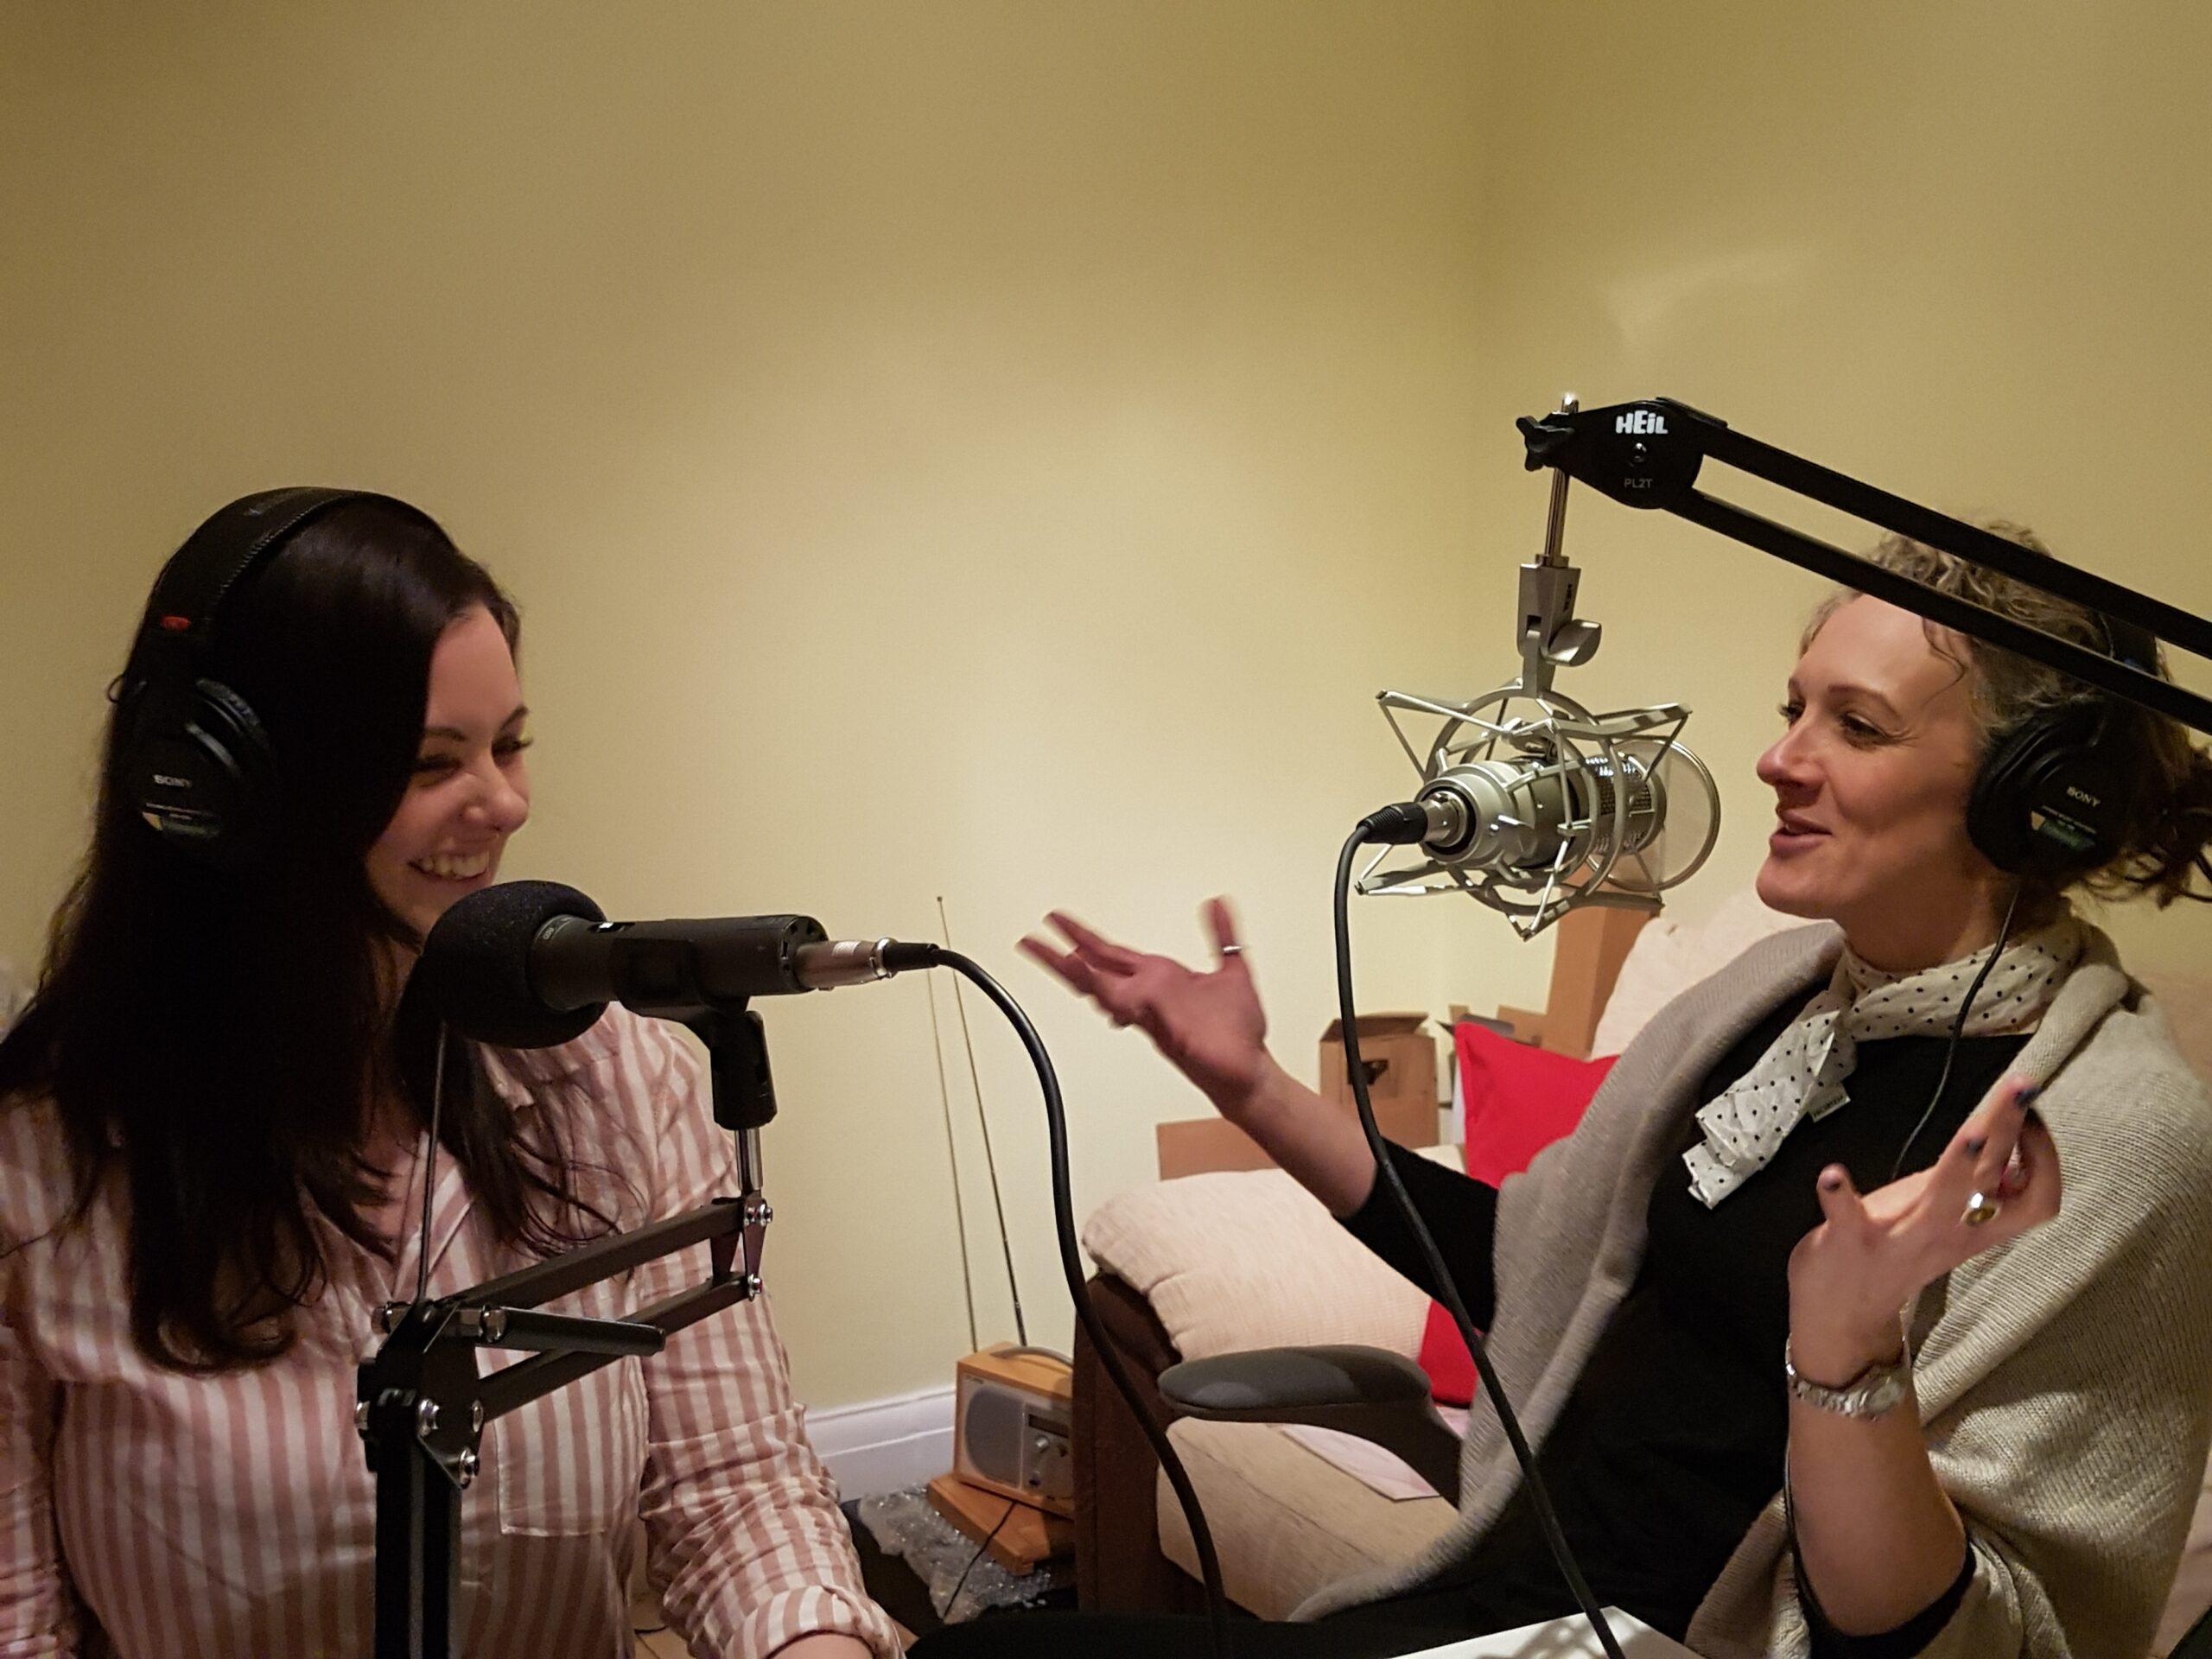 Zoe & Aiofe Recording with Mic